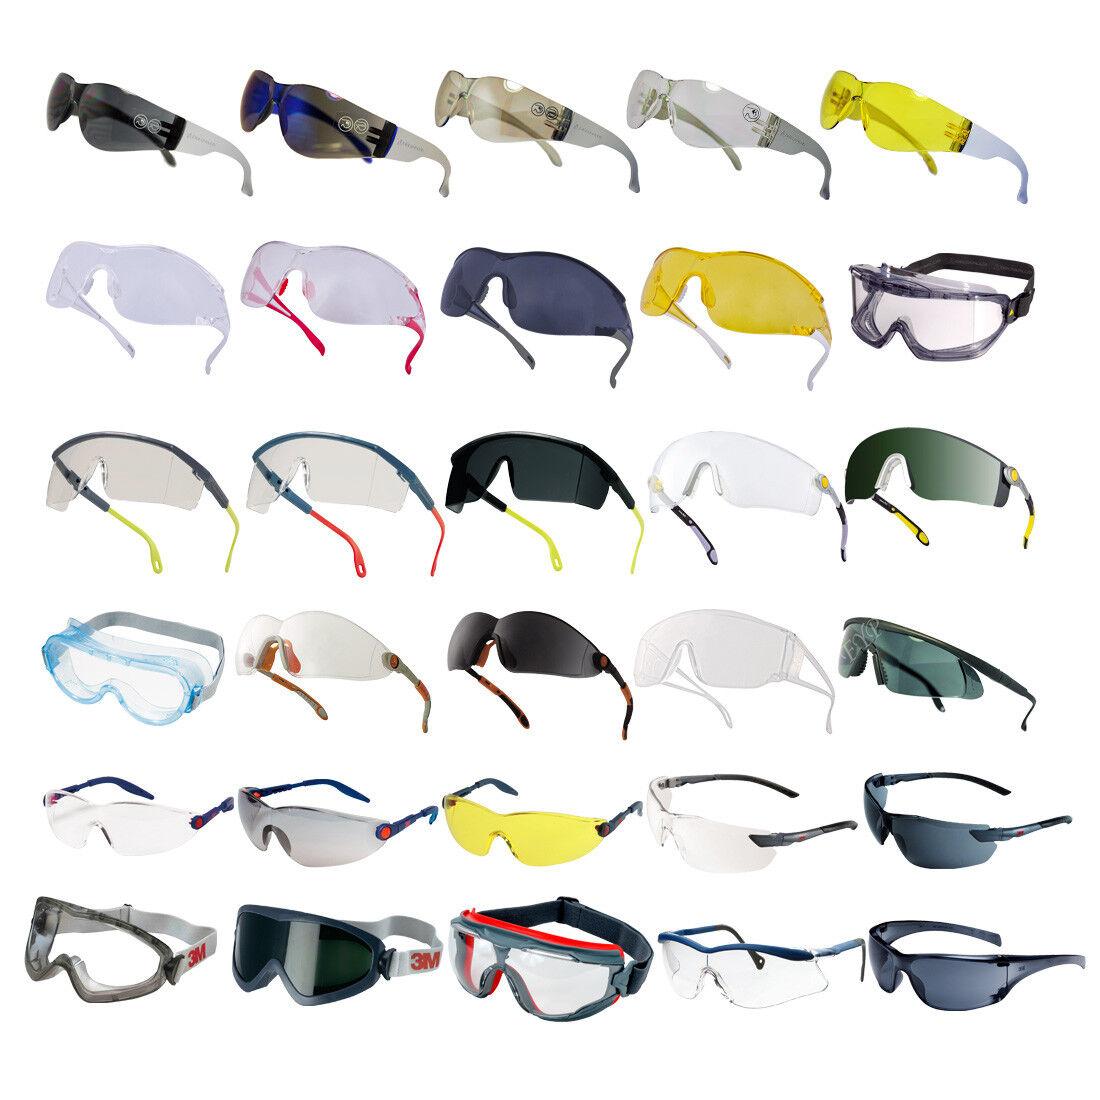 Schutzbrille Arbeitsschutz Augenschutz Sicherheitsbrille Radbrille Sport 3M